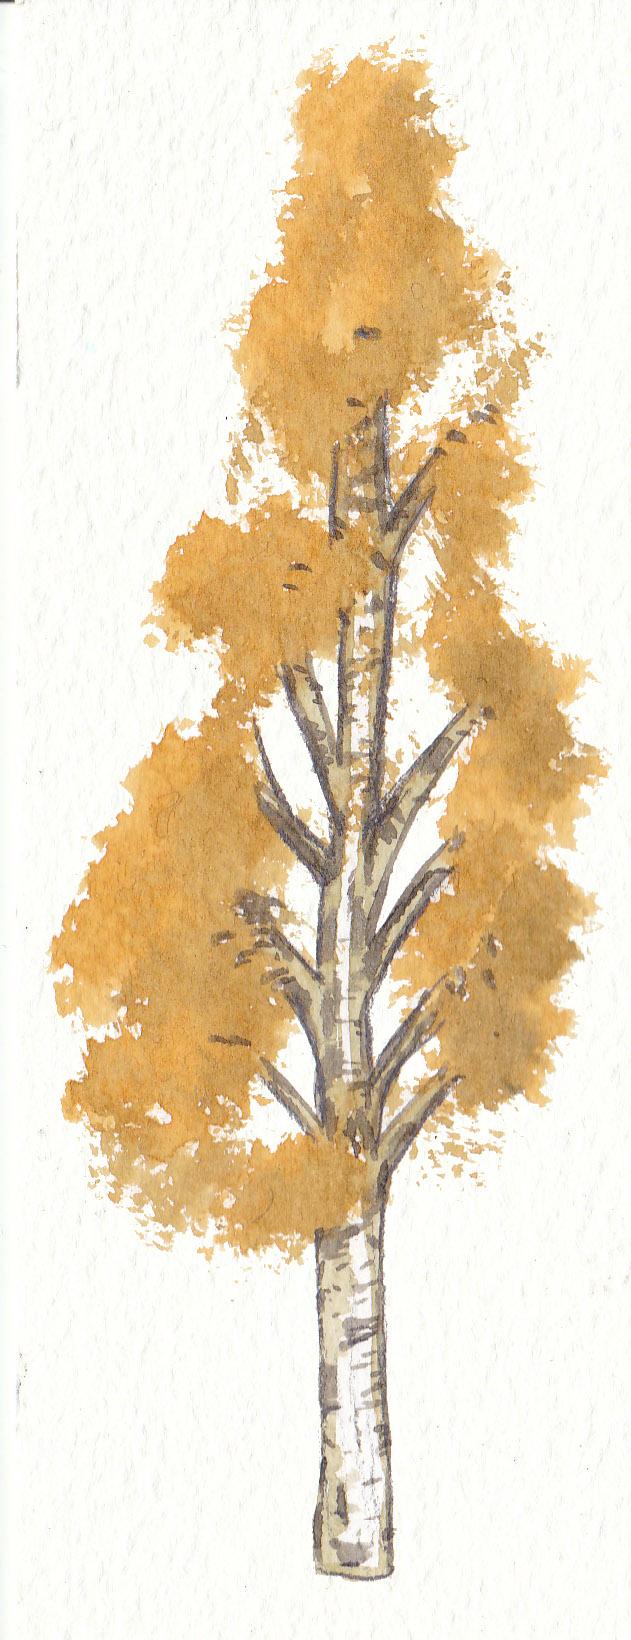 Autumn Birch Tree by Louisetheanimator